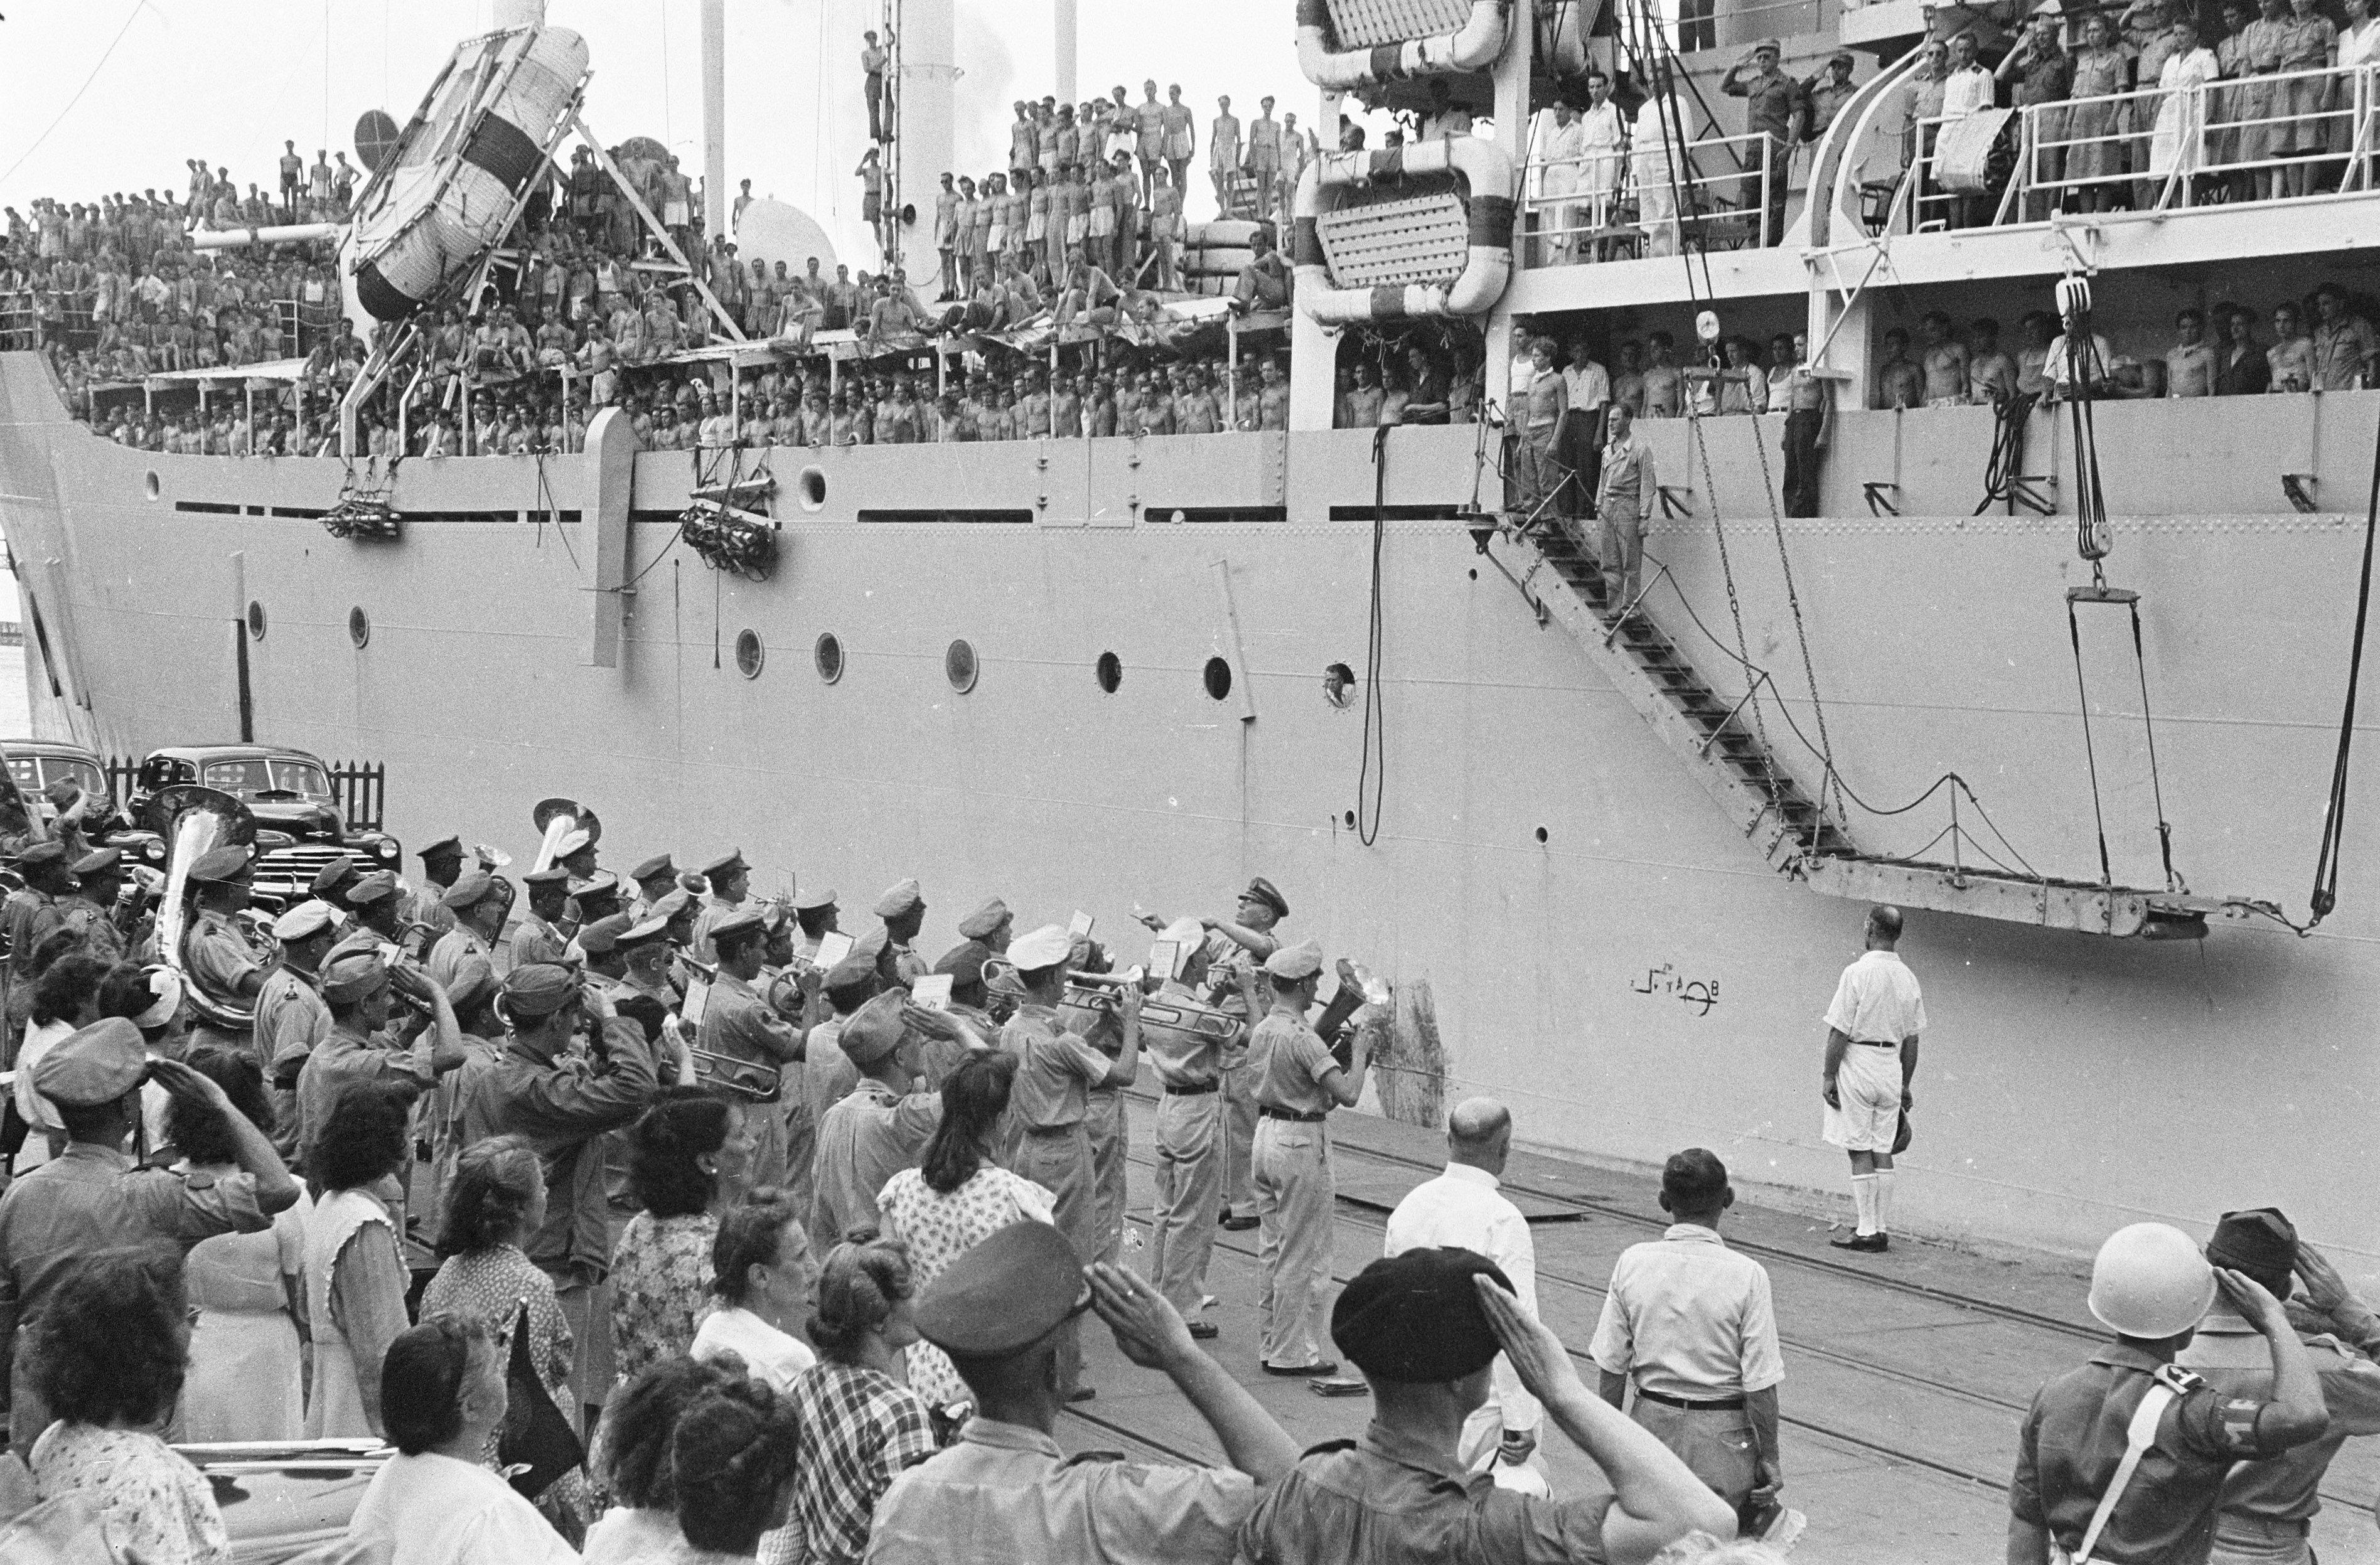 File:Vertrek van een troepentransportschip uit Tandjong Priok. Stafmuziek KNIL speelt, Bestanddeelnr 6751.jpg